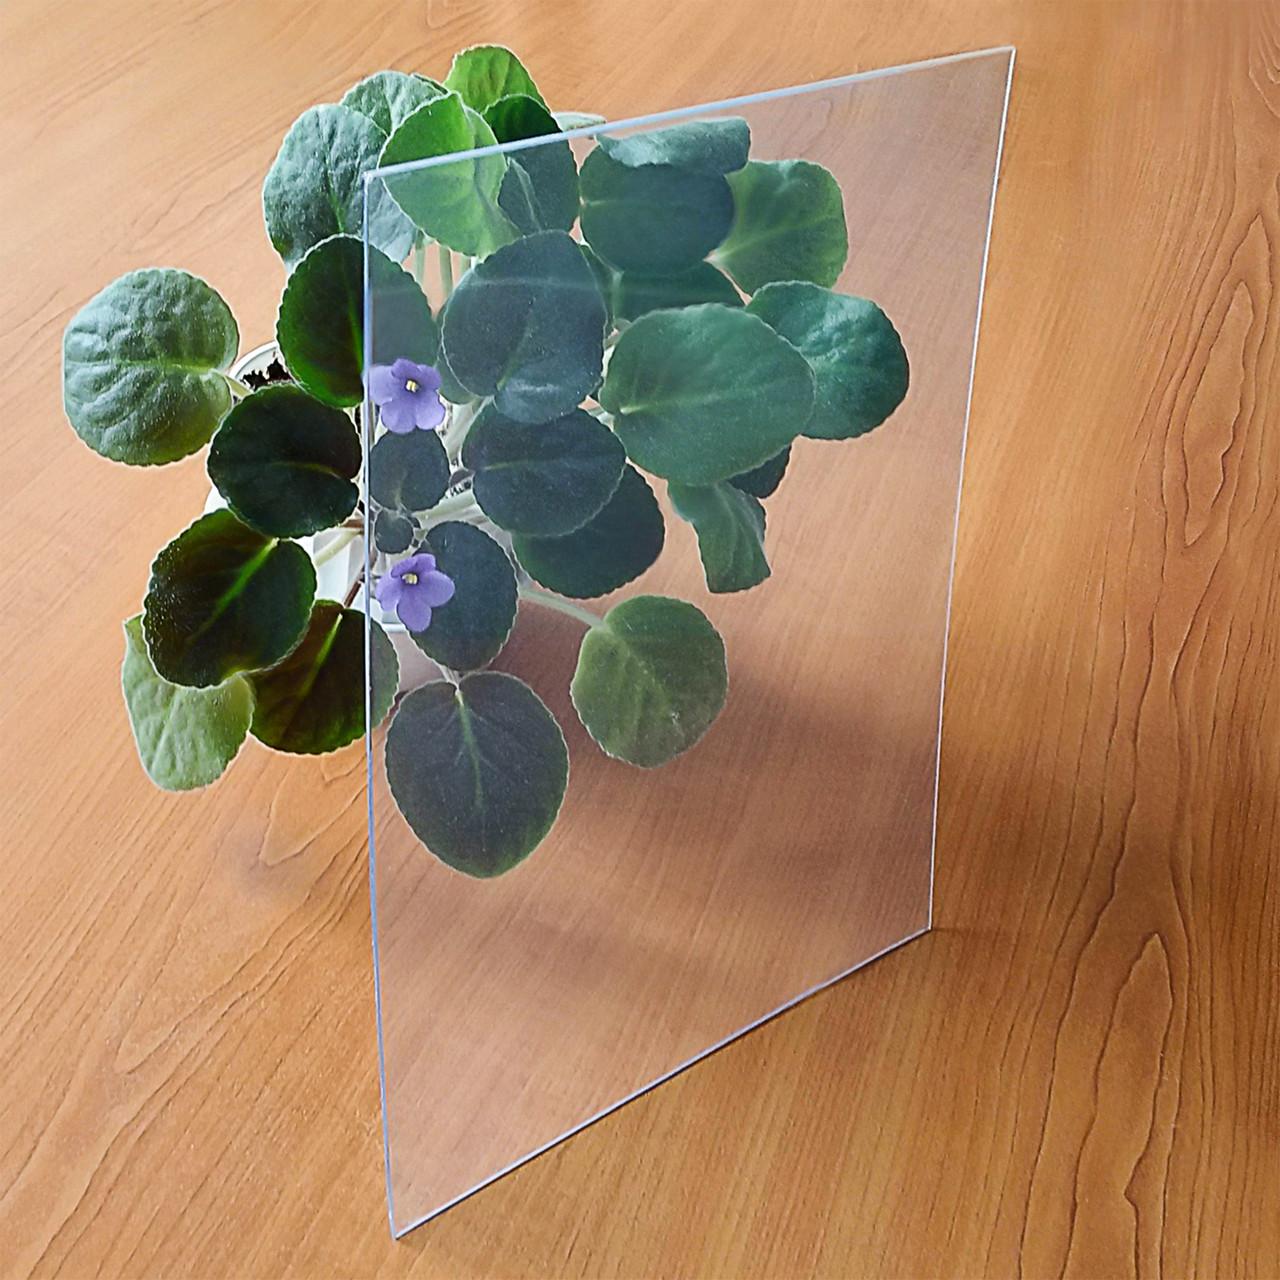 ПВХ твердый прозрачный, лист 1 x 2 м, 0.5 мм